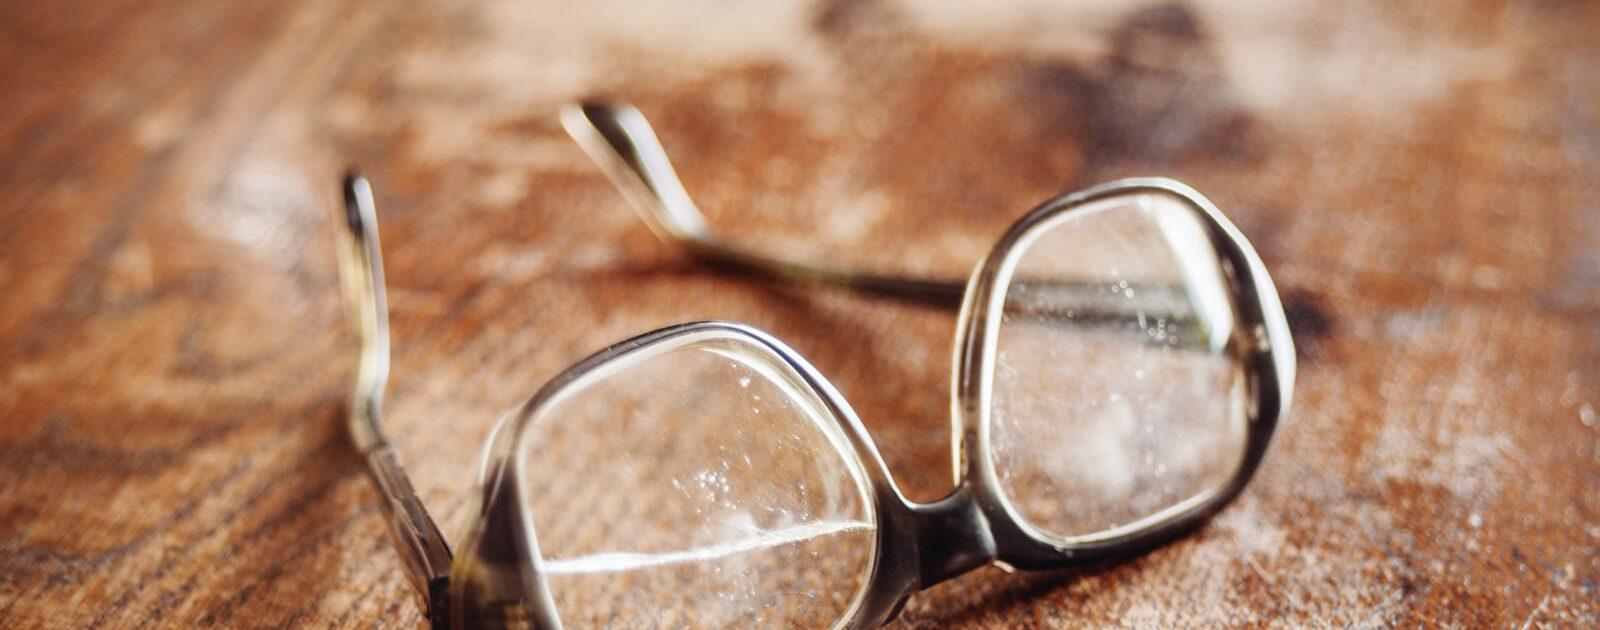 Echtes Glas zerbricht schnell bei einer Brille.